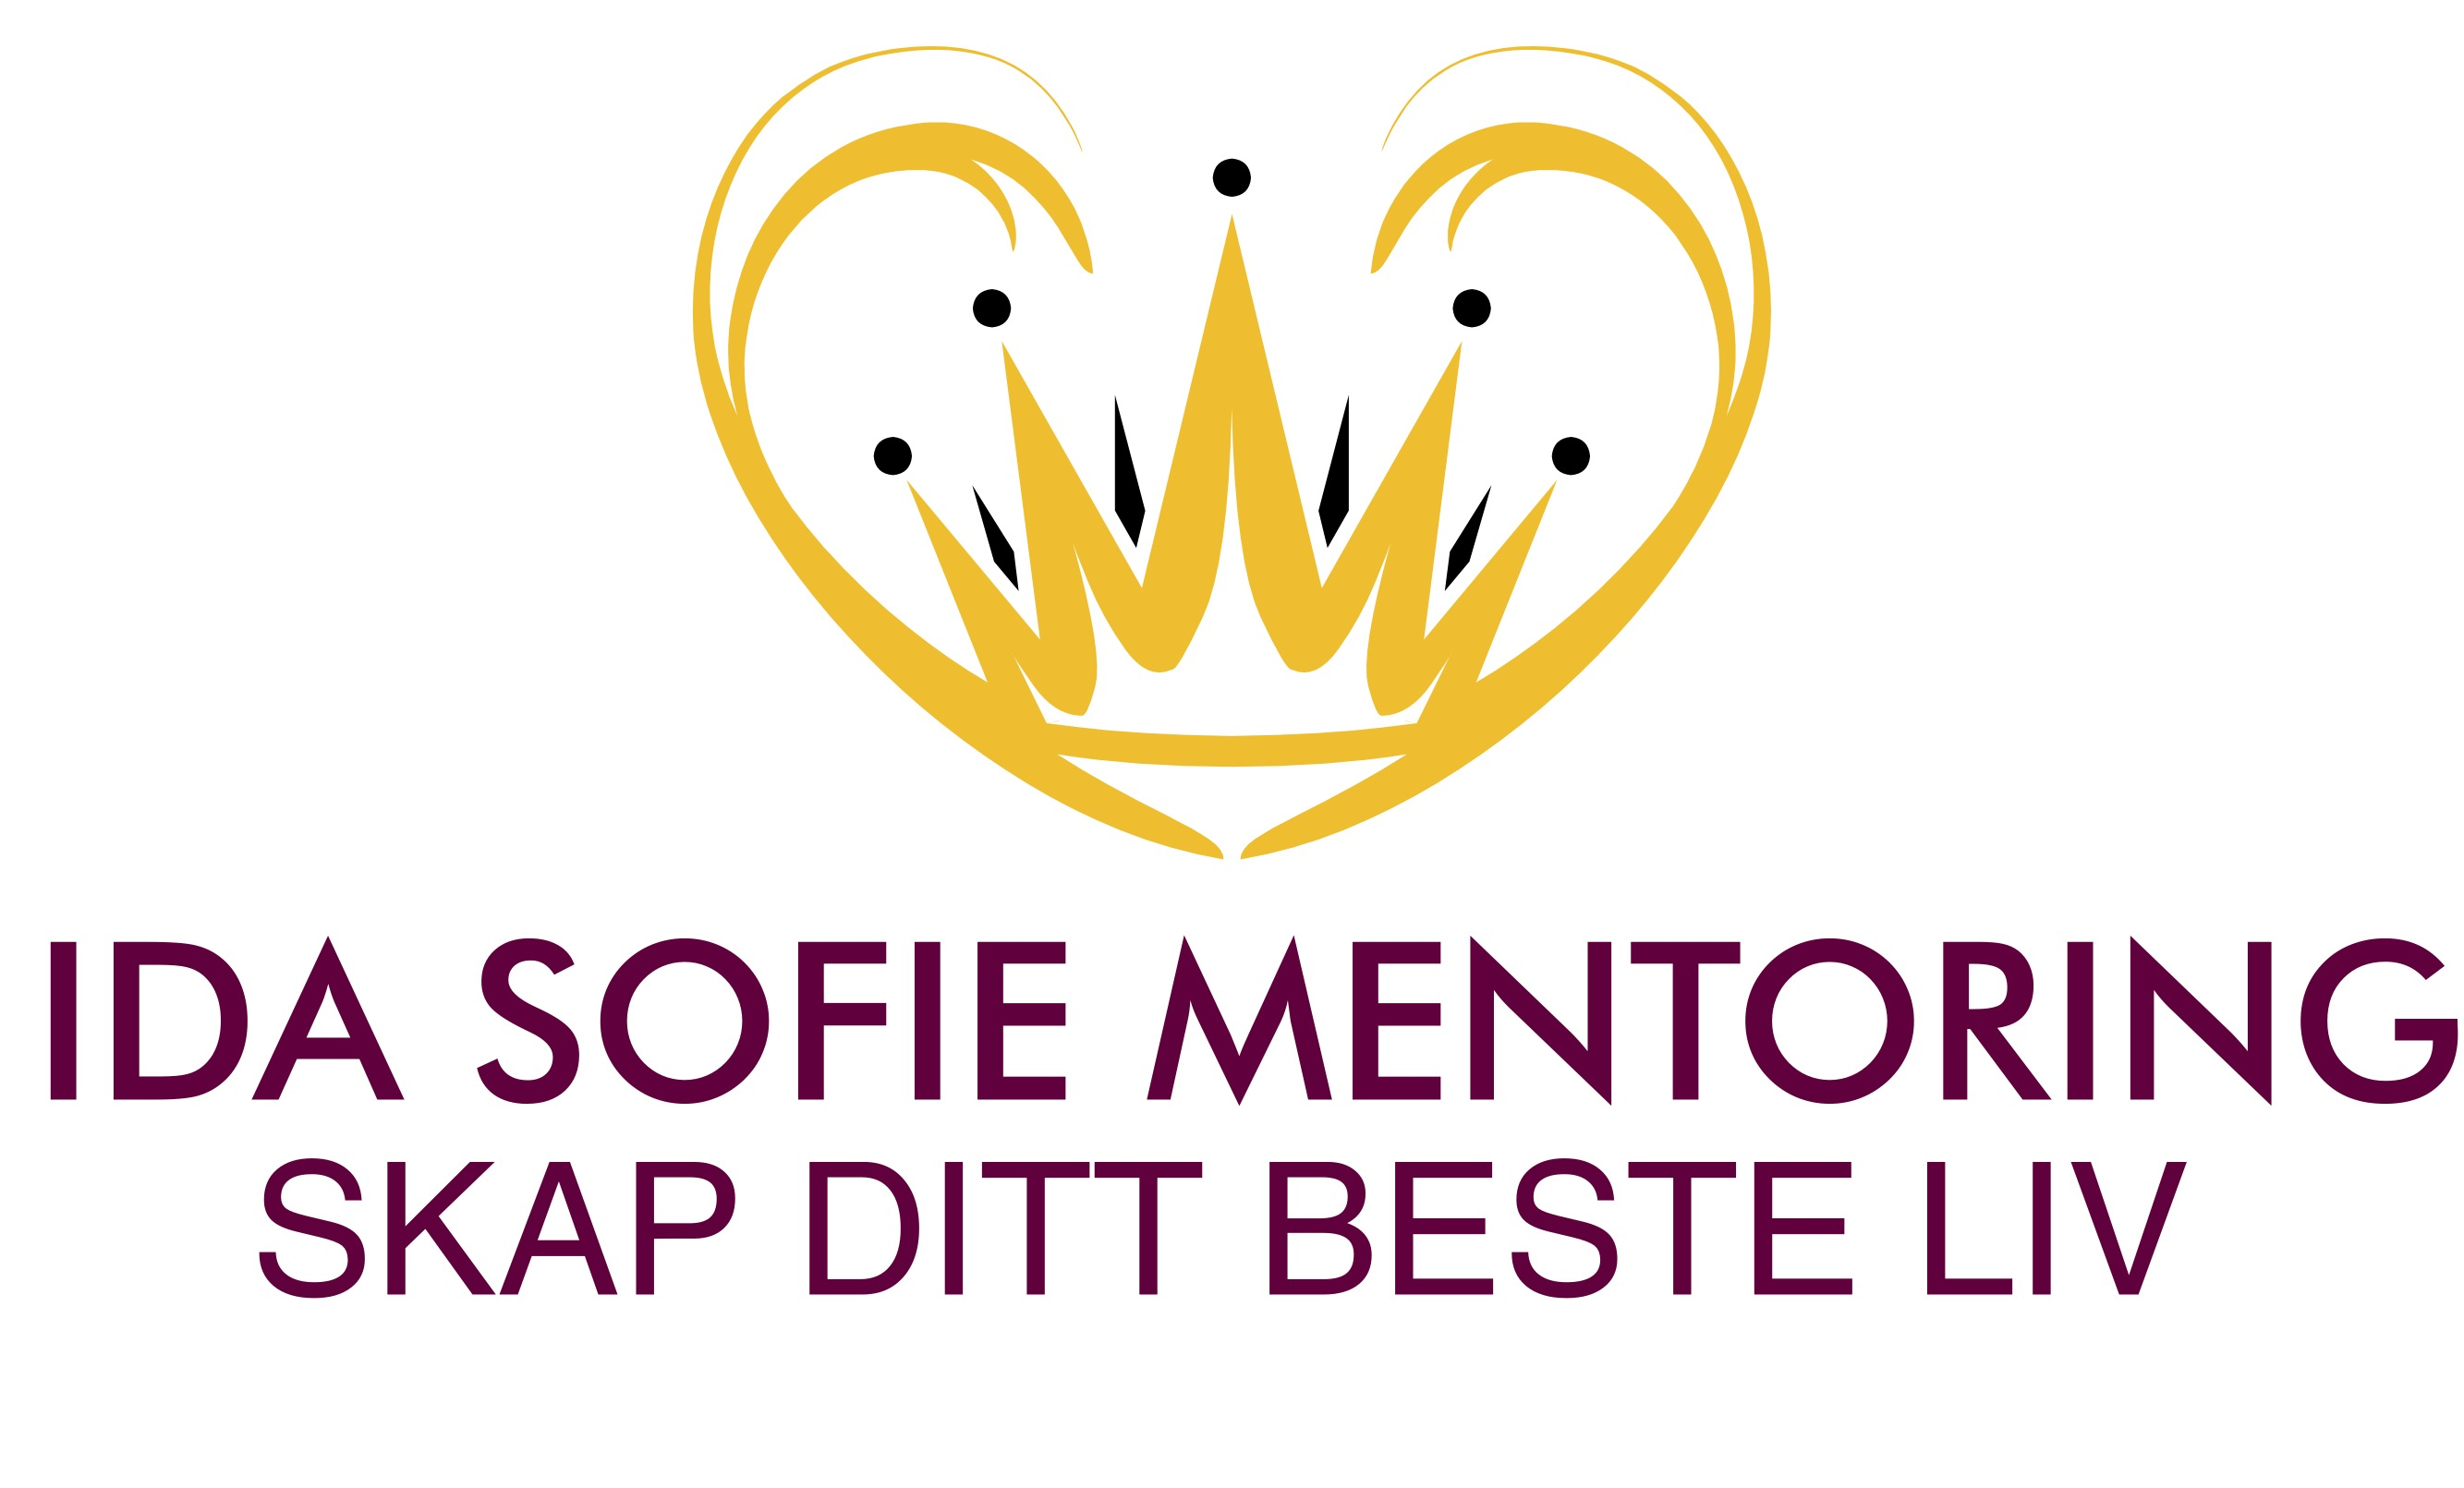 IDA SOFIE mentoring